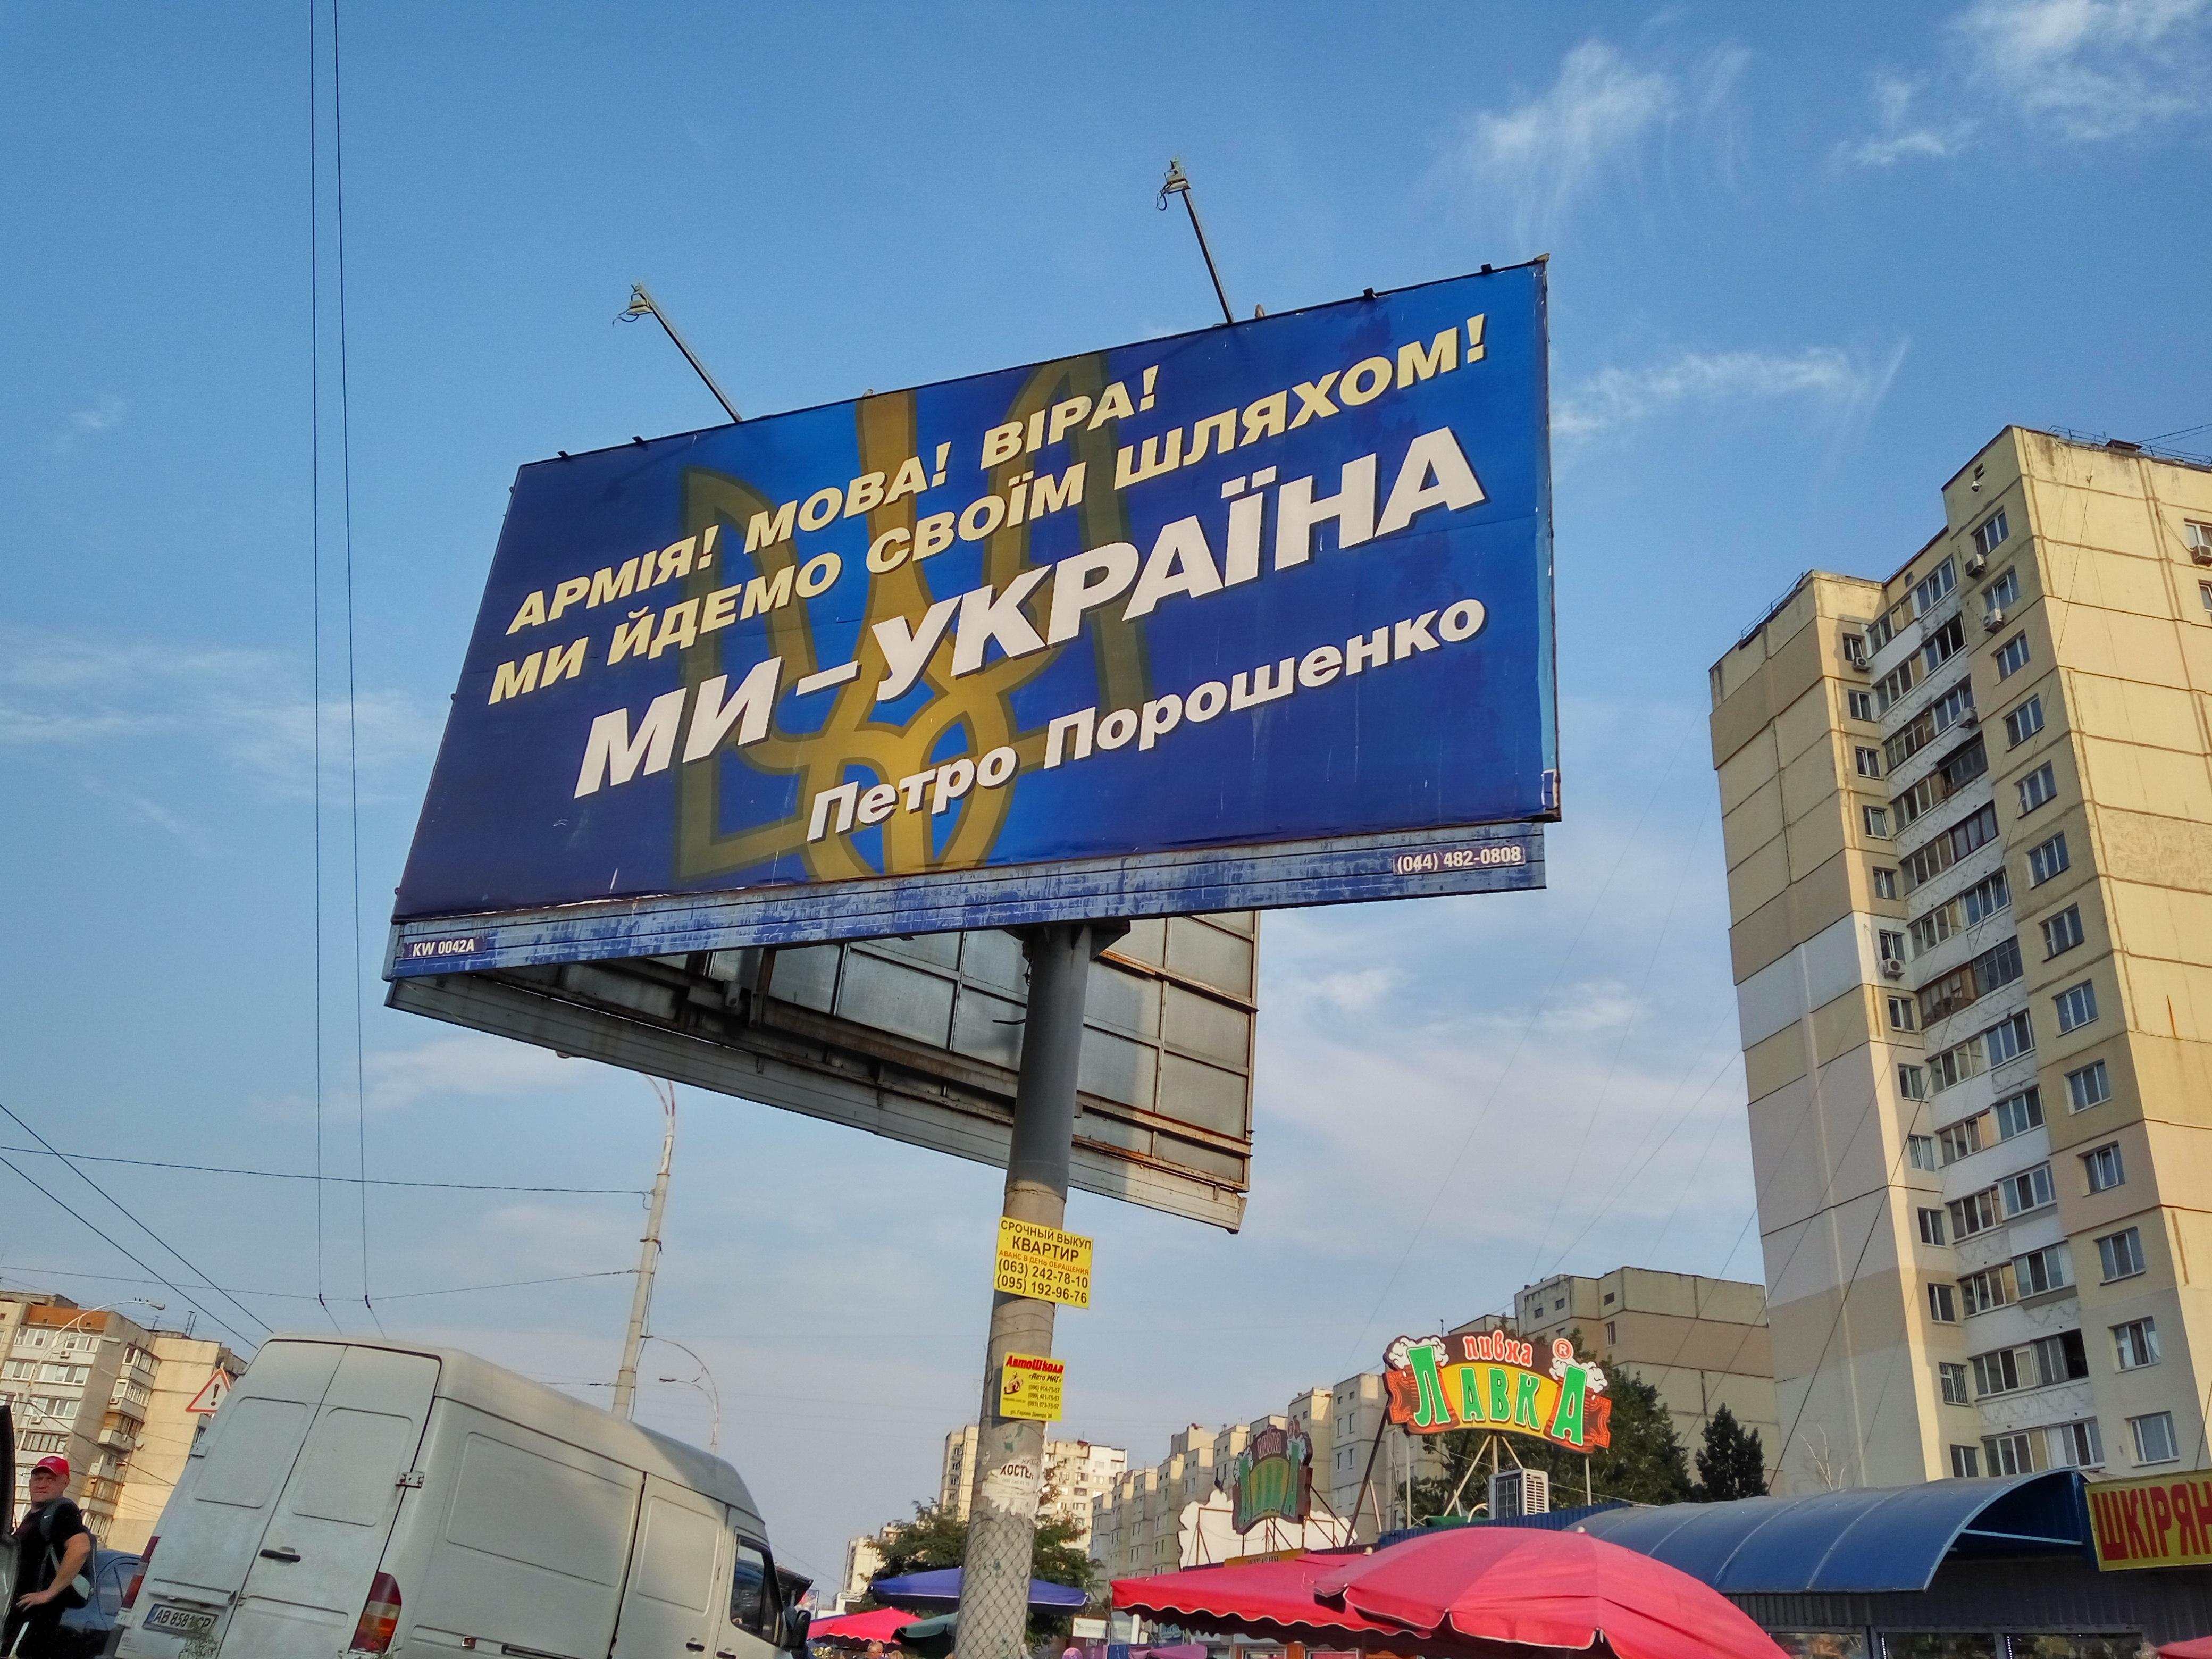 Три рекламных месседжа Порошенко: армия, язык, вера (фото - LIGA.net)